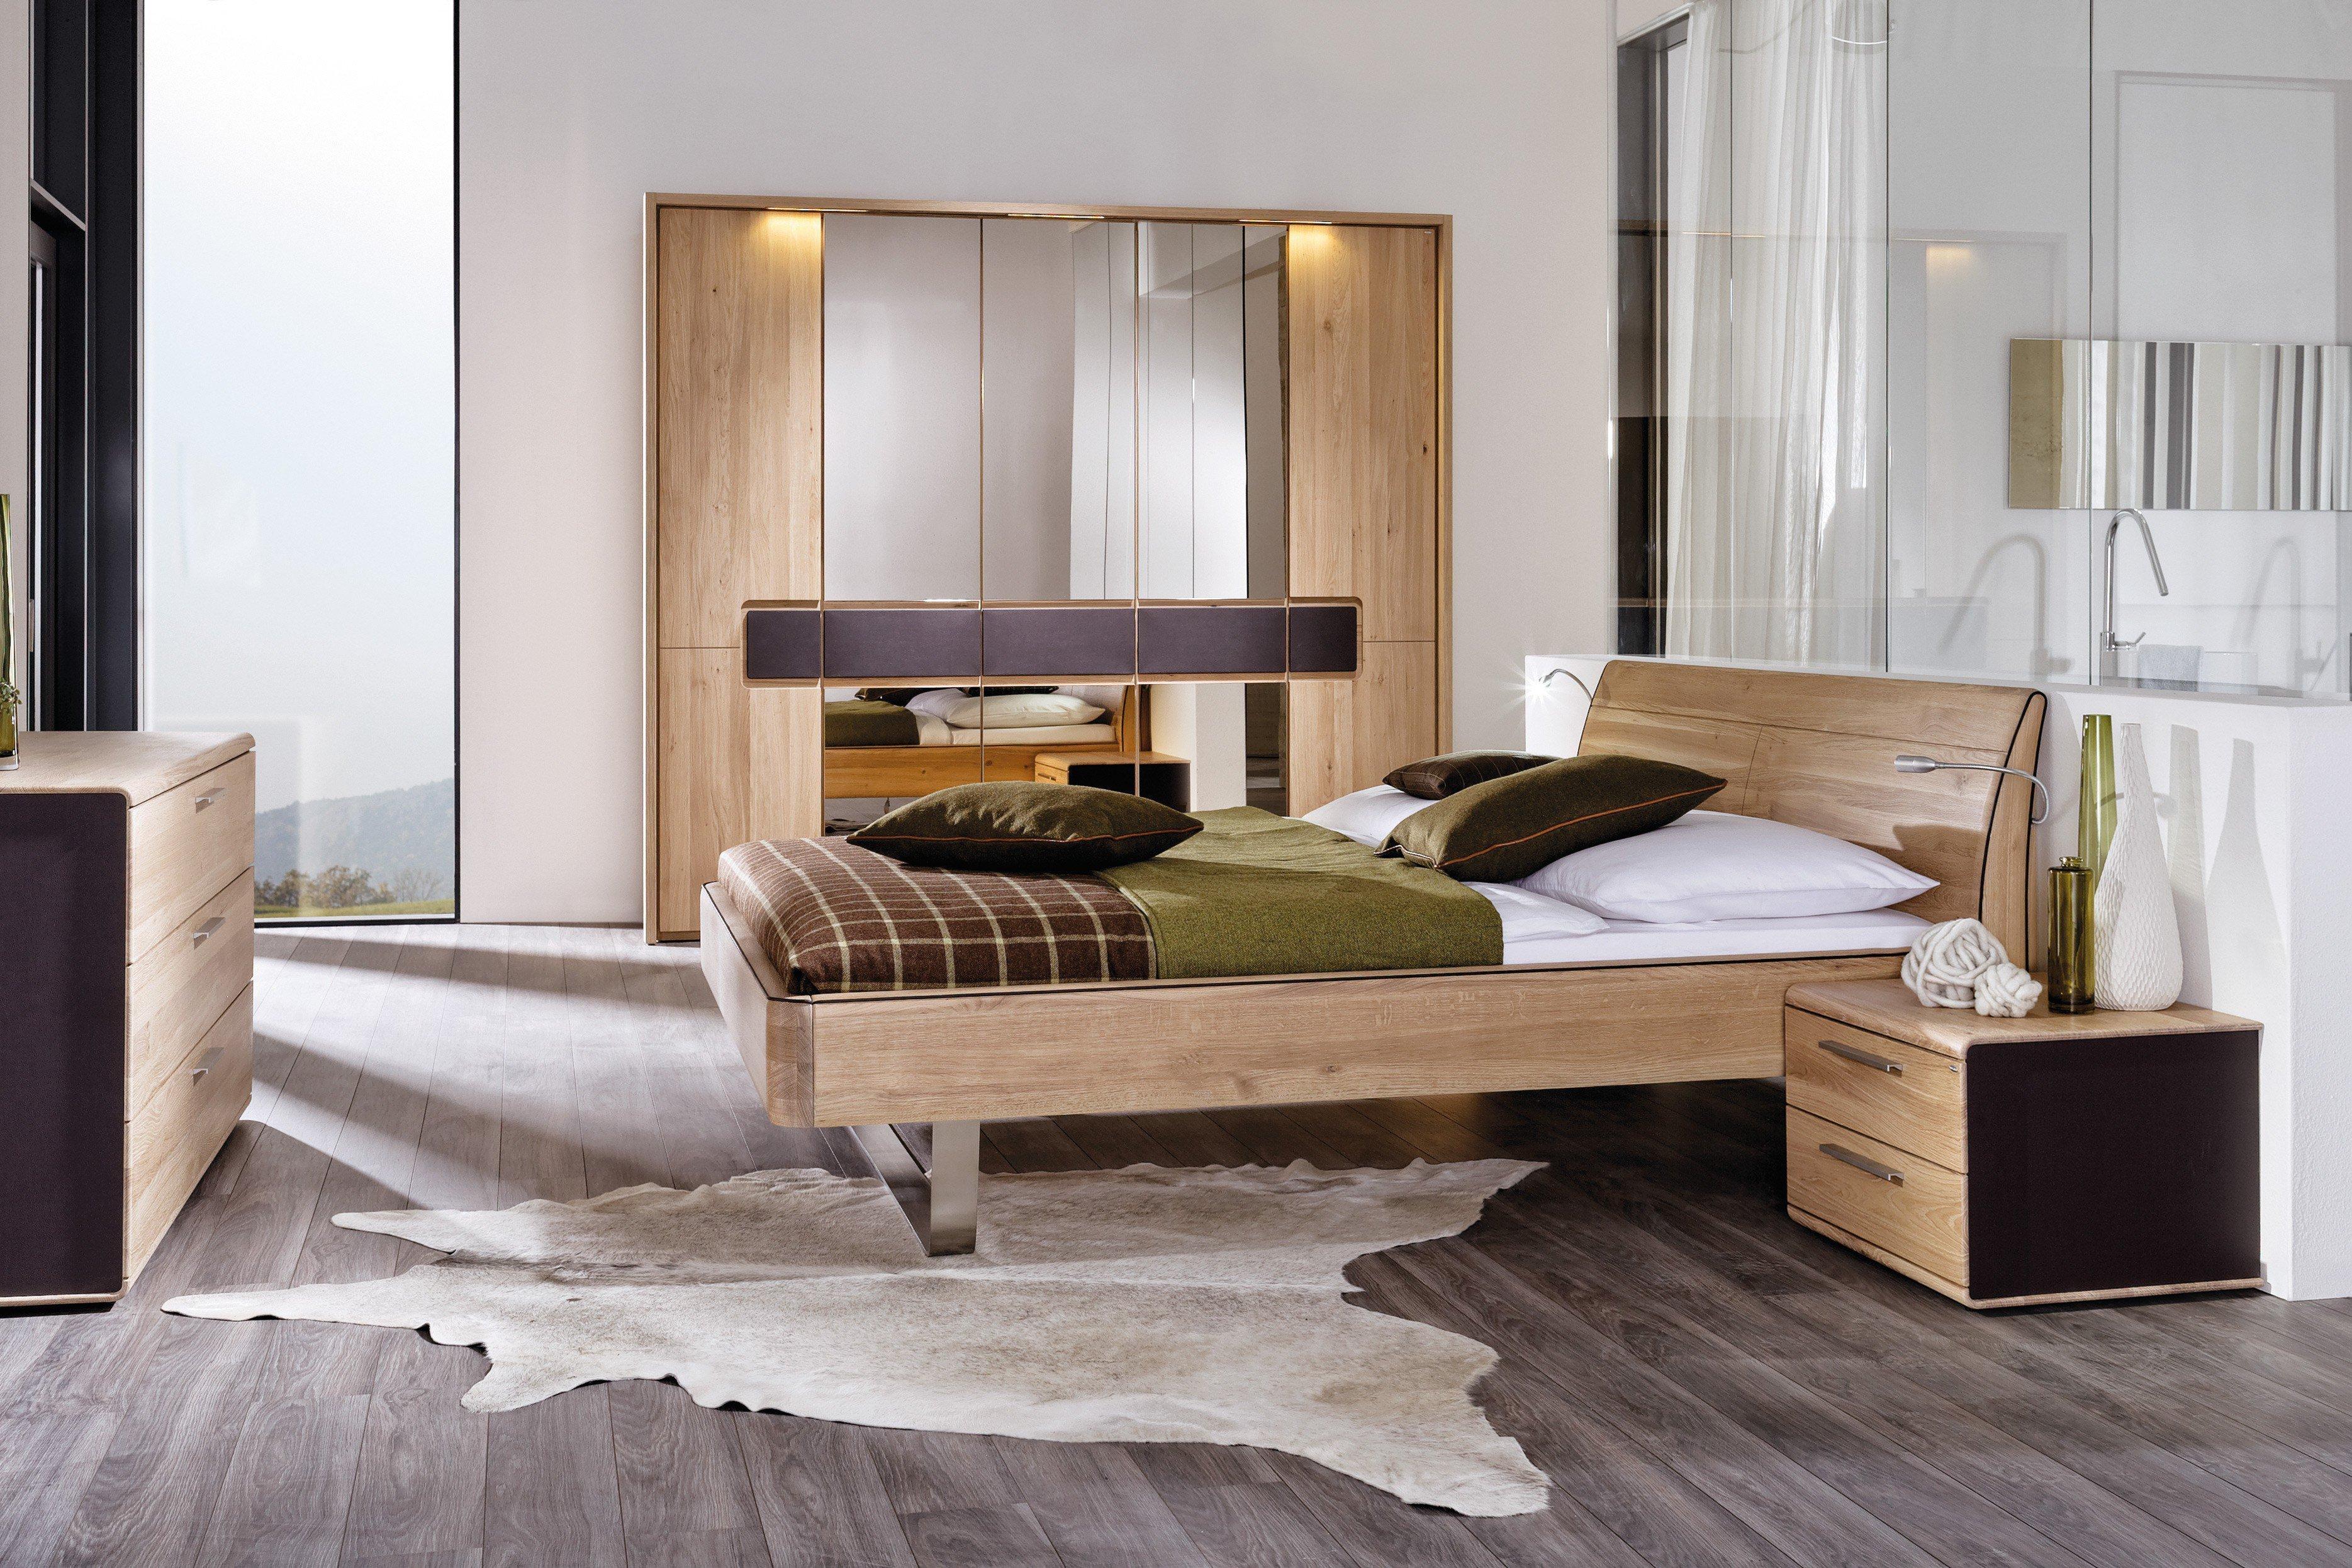 voglauer schlafzimmer v-linea wildeiche | möbel letz - ihr online-shop, Schlafzimmer ideen